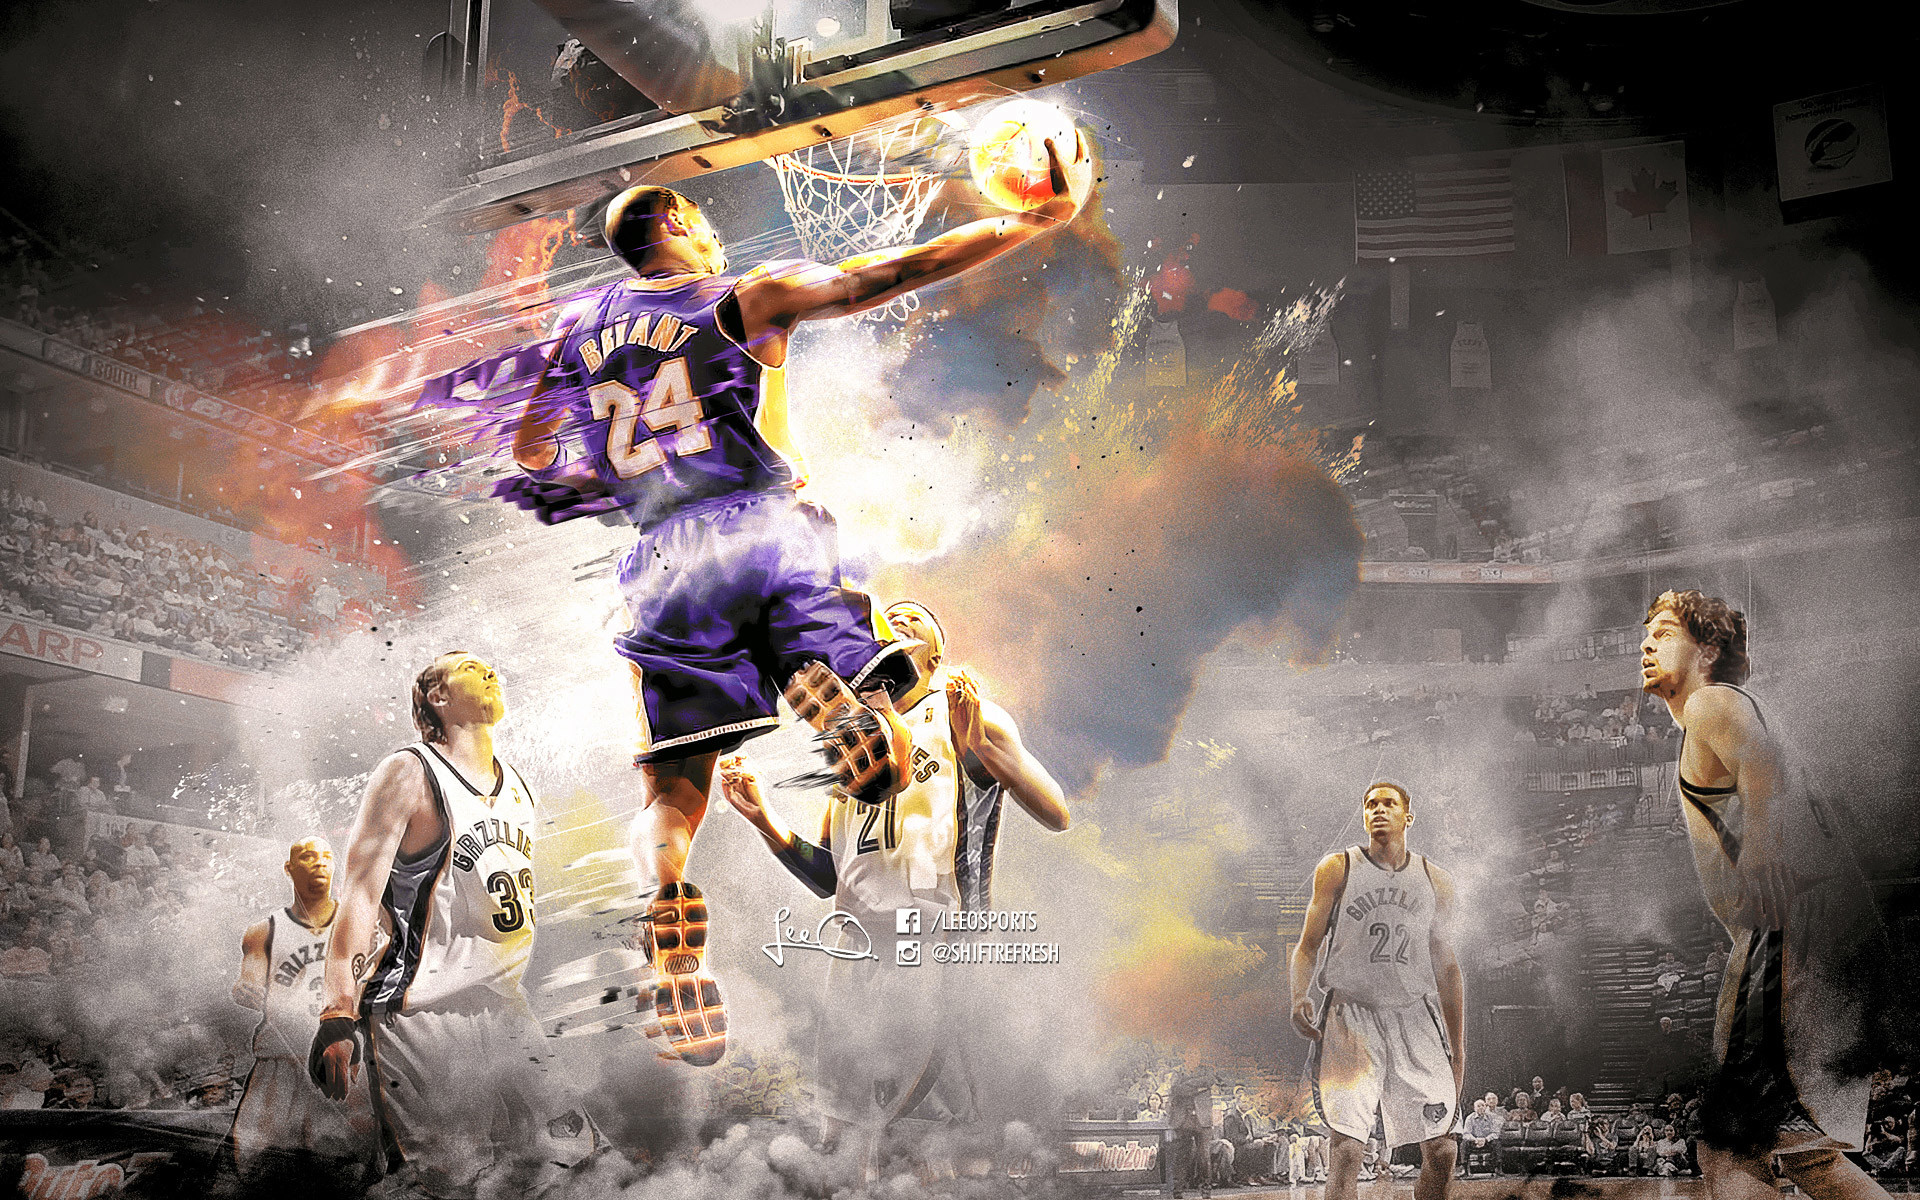 Kobe Bryant 2016 Grizzlies Wallpaper